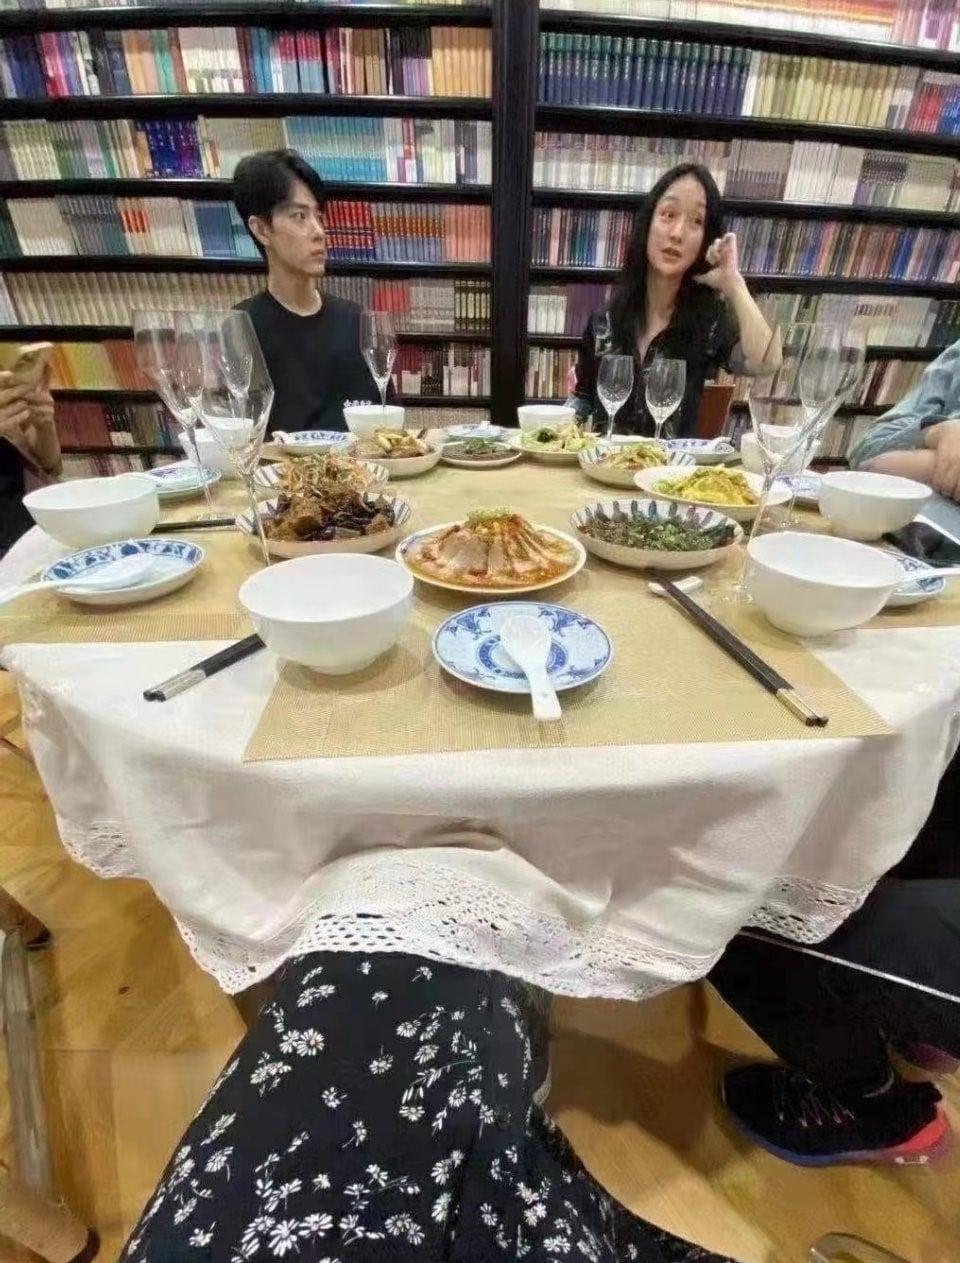 Tiêu Chiến và Châu Tấn đi ăn chung, netizen nóng lòng chờ 'quả dưa' ngọt lịm 1